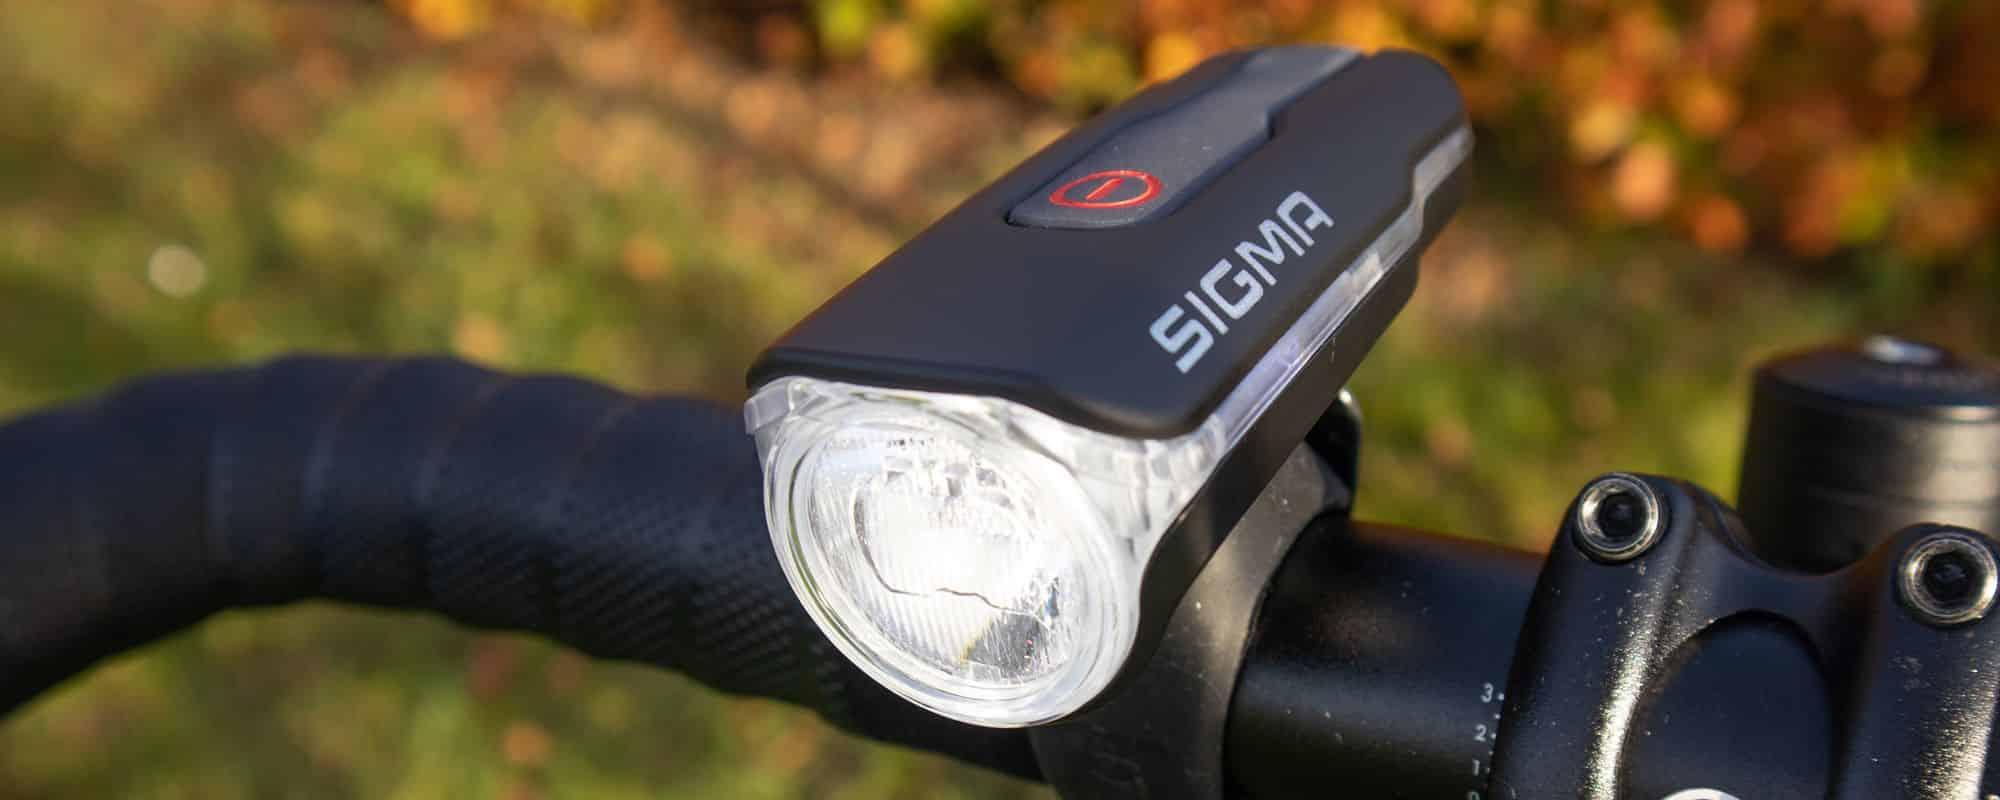 Sigma AURA 60 USB Test - Blitzschnell montiert und leuchtstark? Mit StVZO-Zulassung